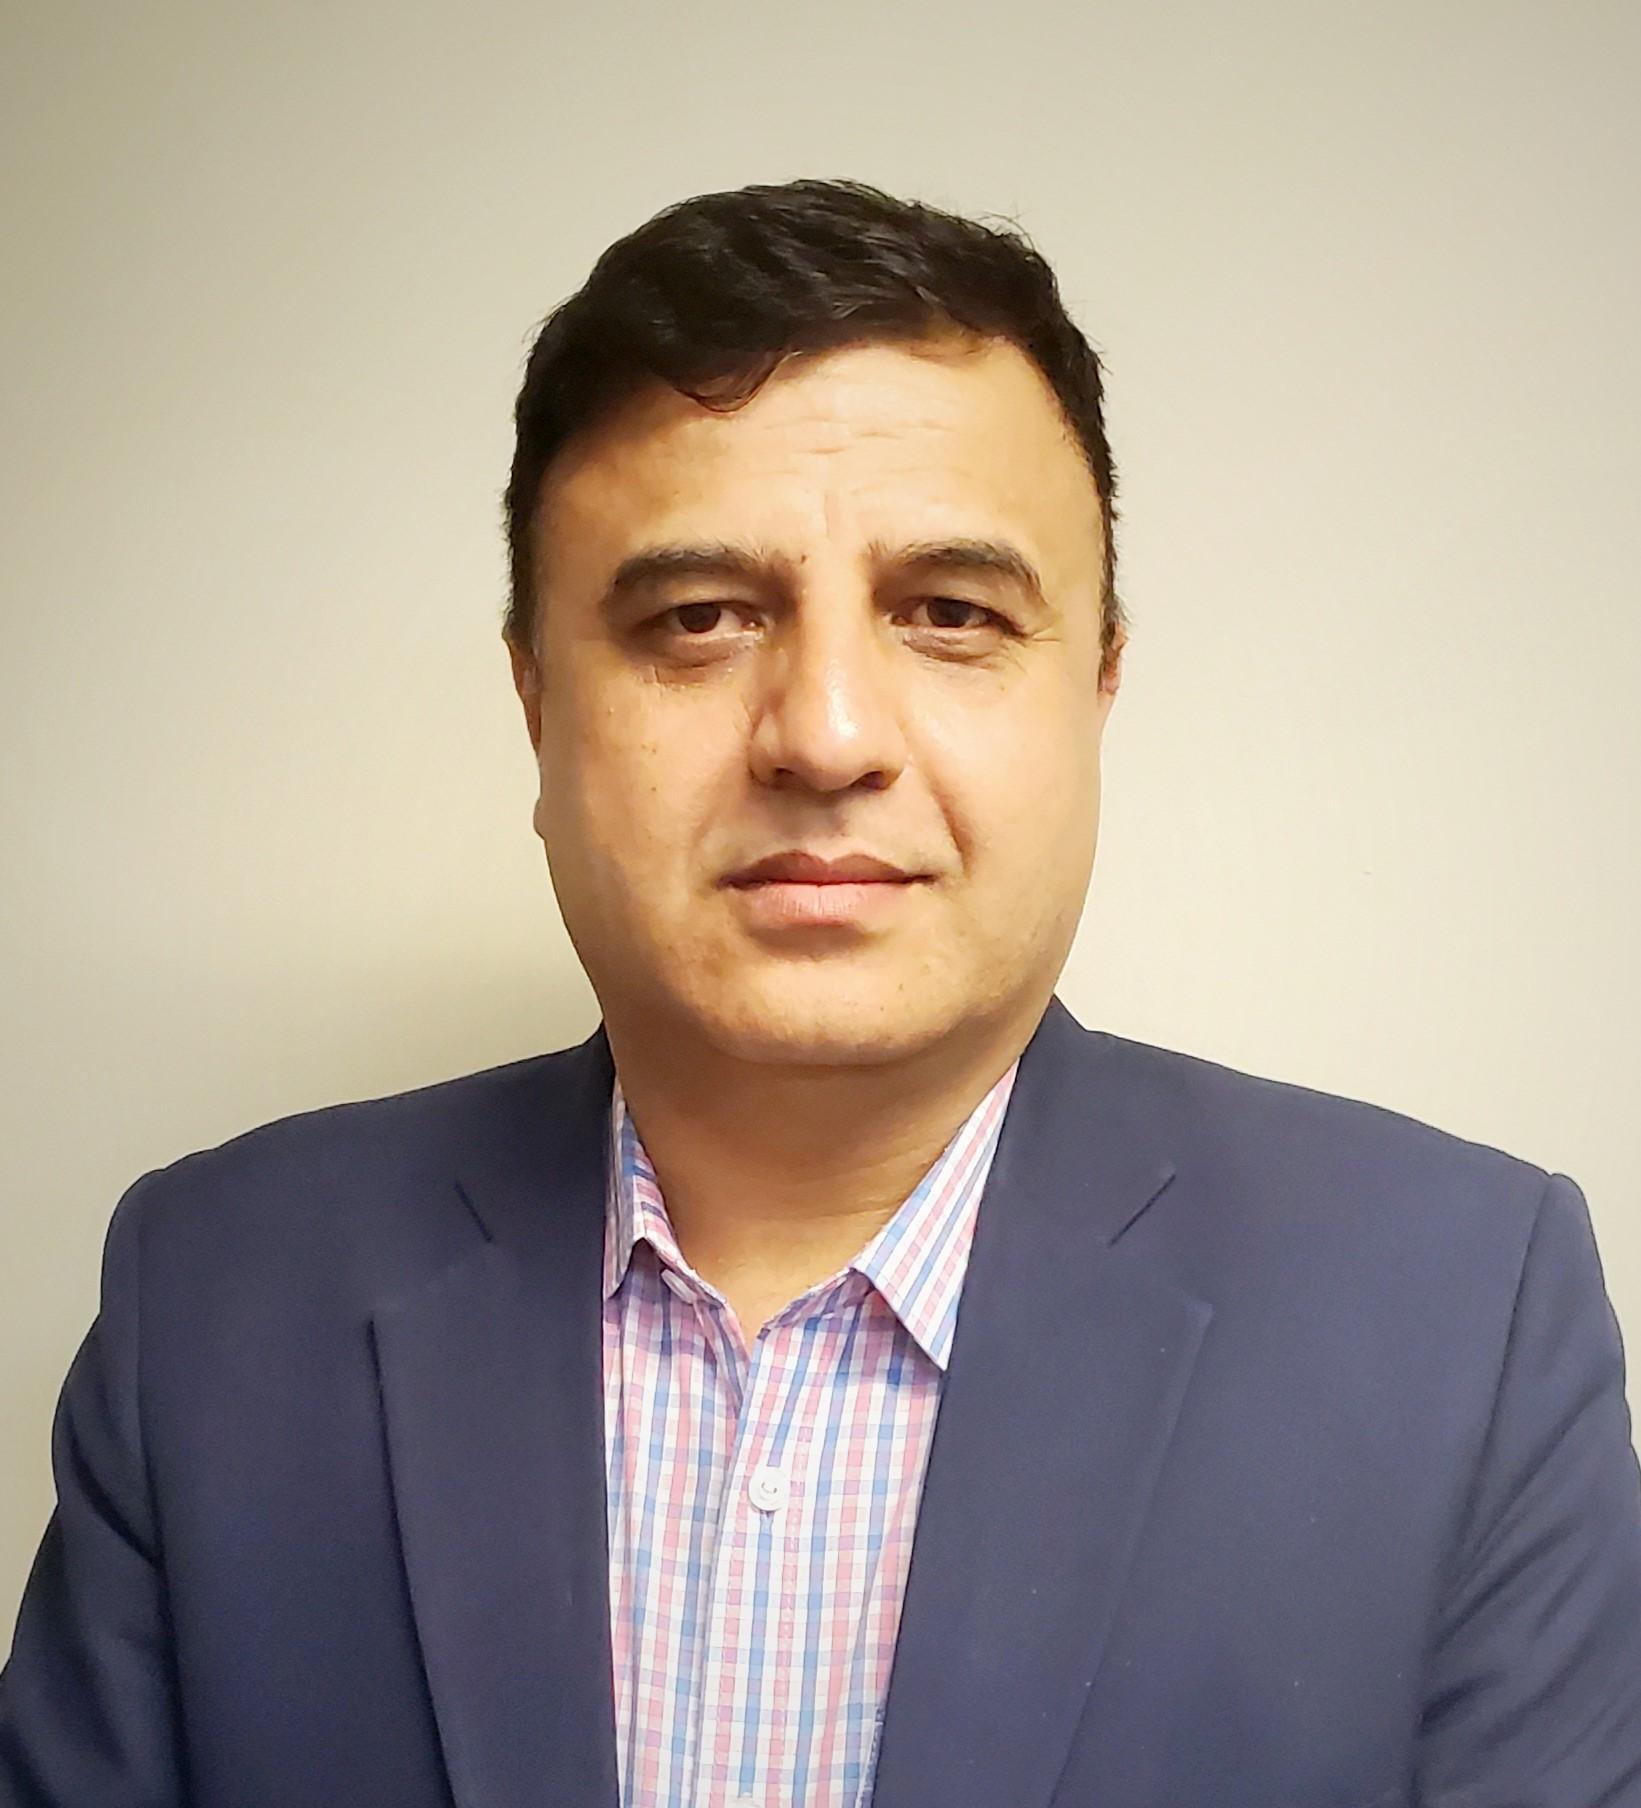 Mohammad Asif Walizada